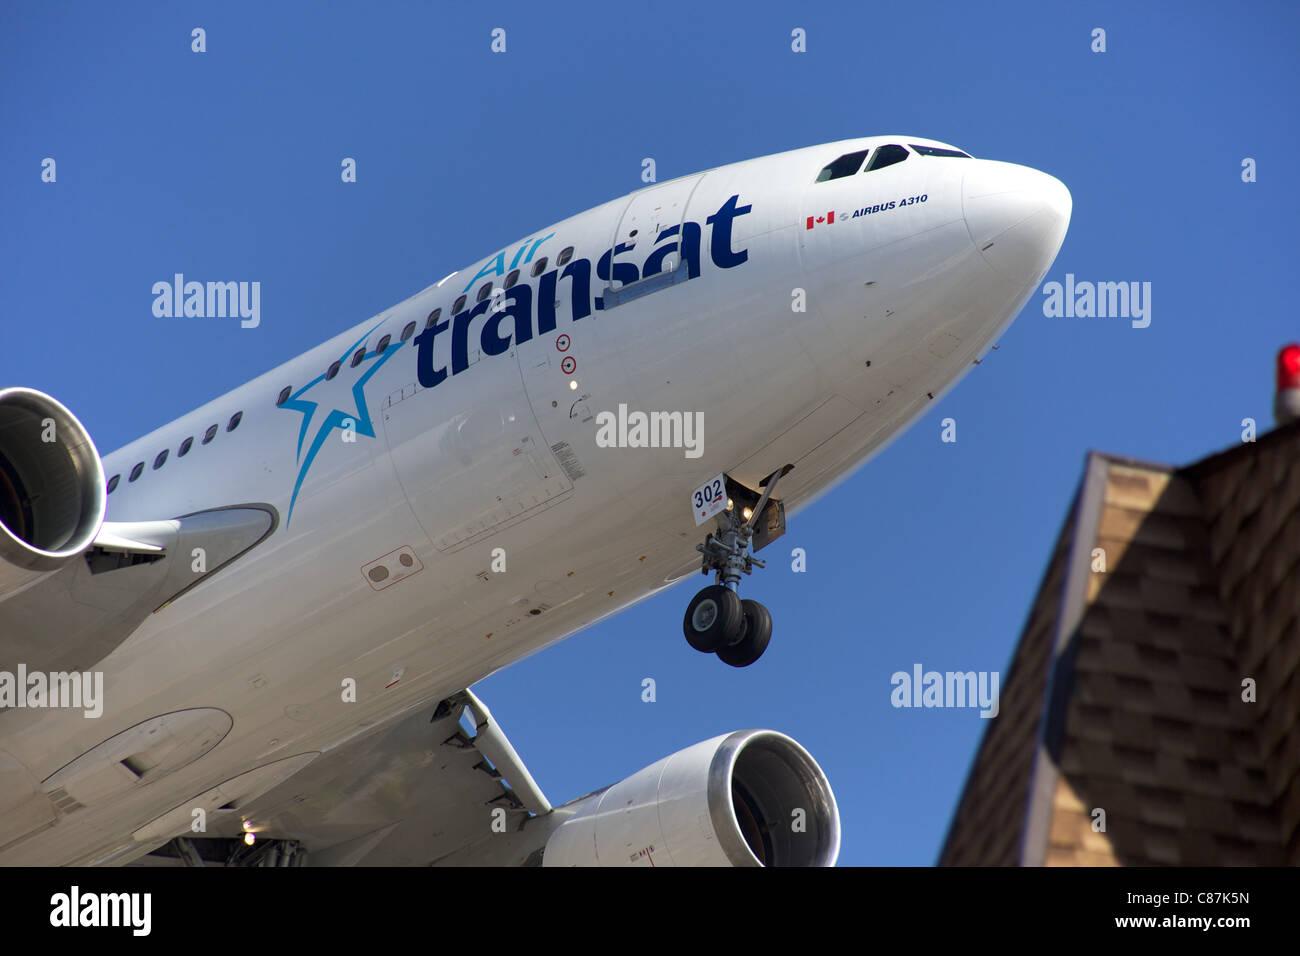 Air Transat Airbus A310 Landing Stockfotos Air Transat Airbus A310